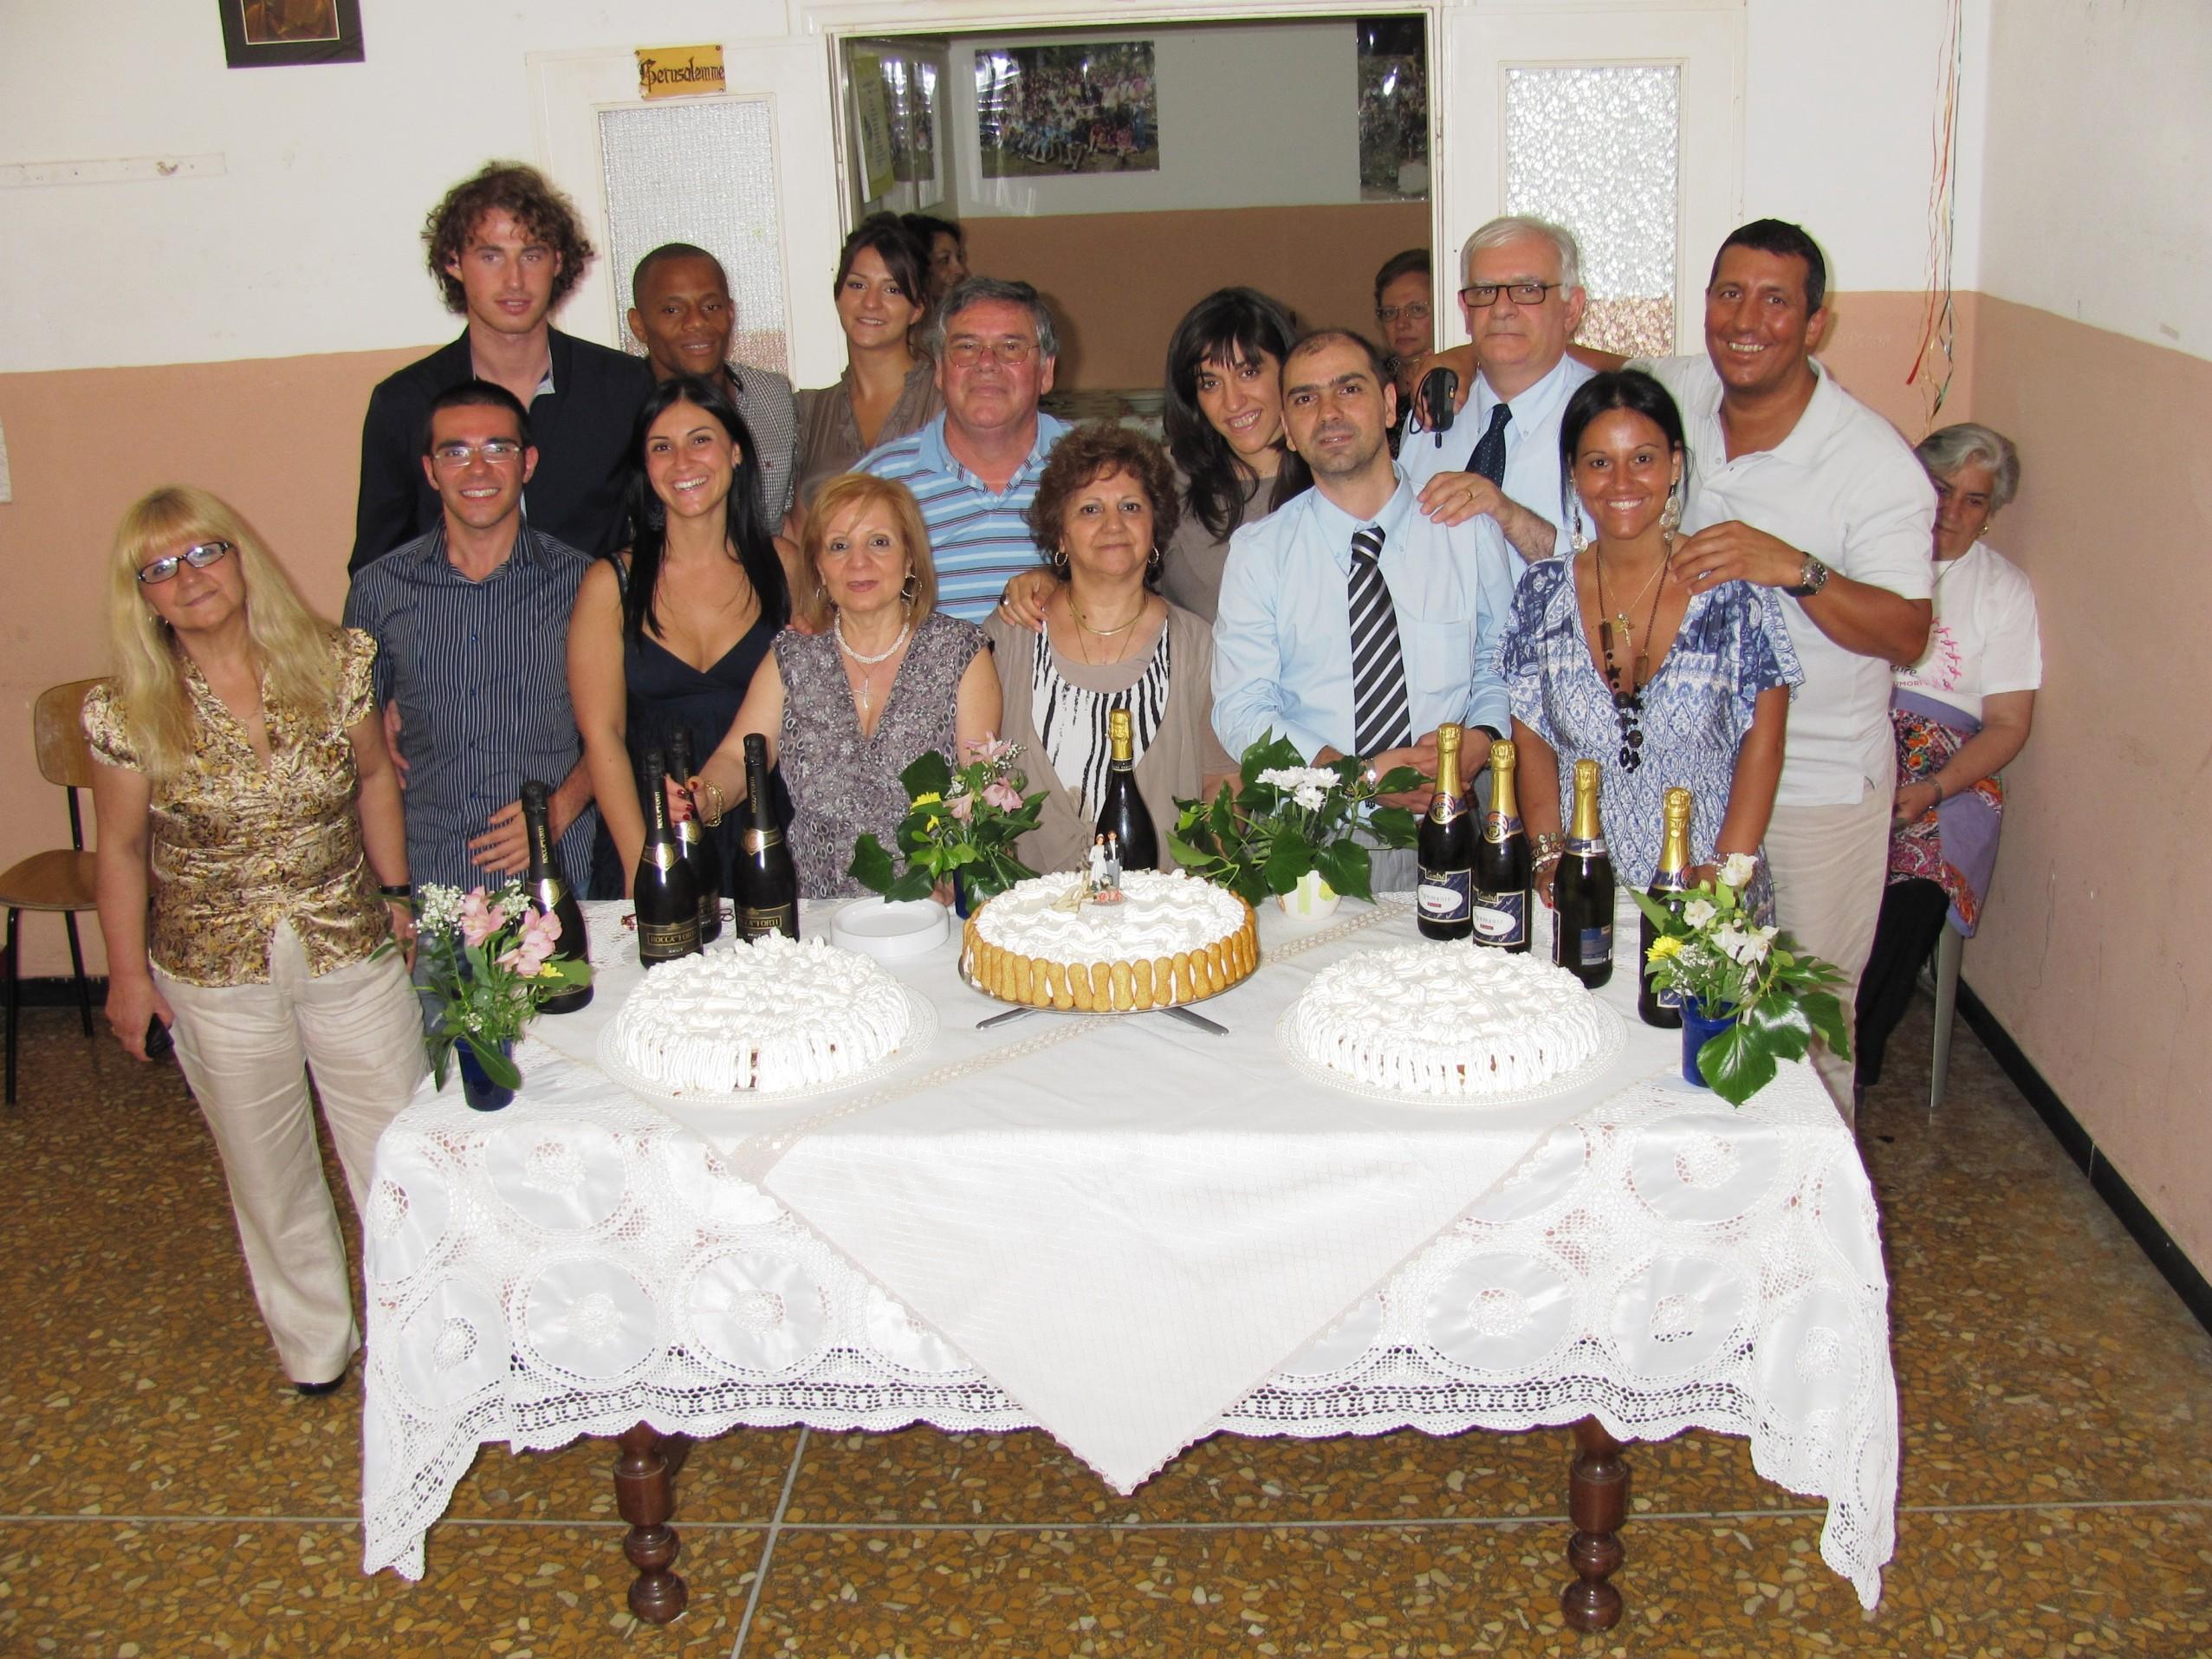 anniversari_matrimonio-2011-06-05-14-46-23